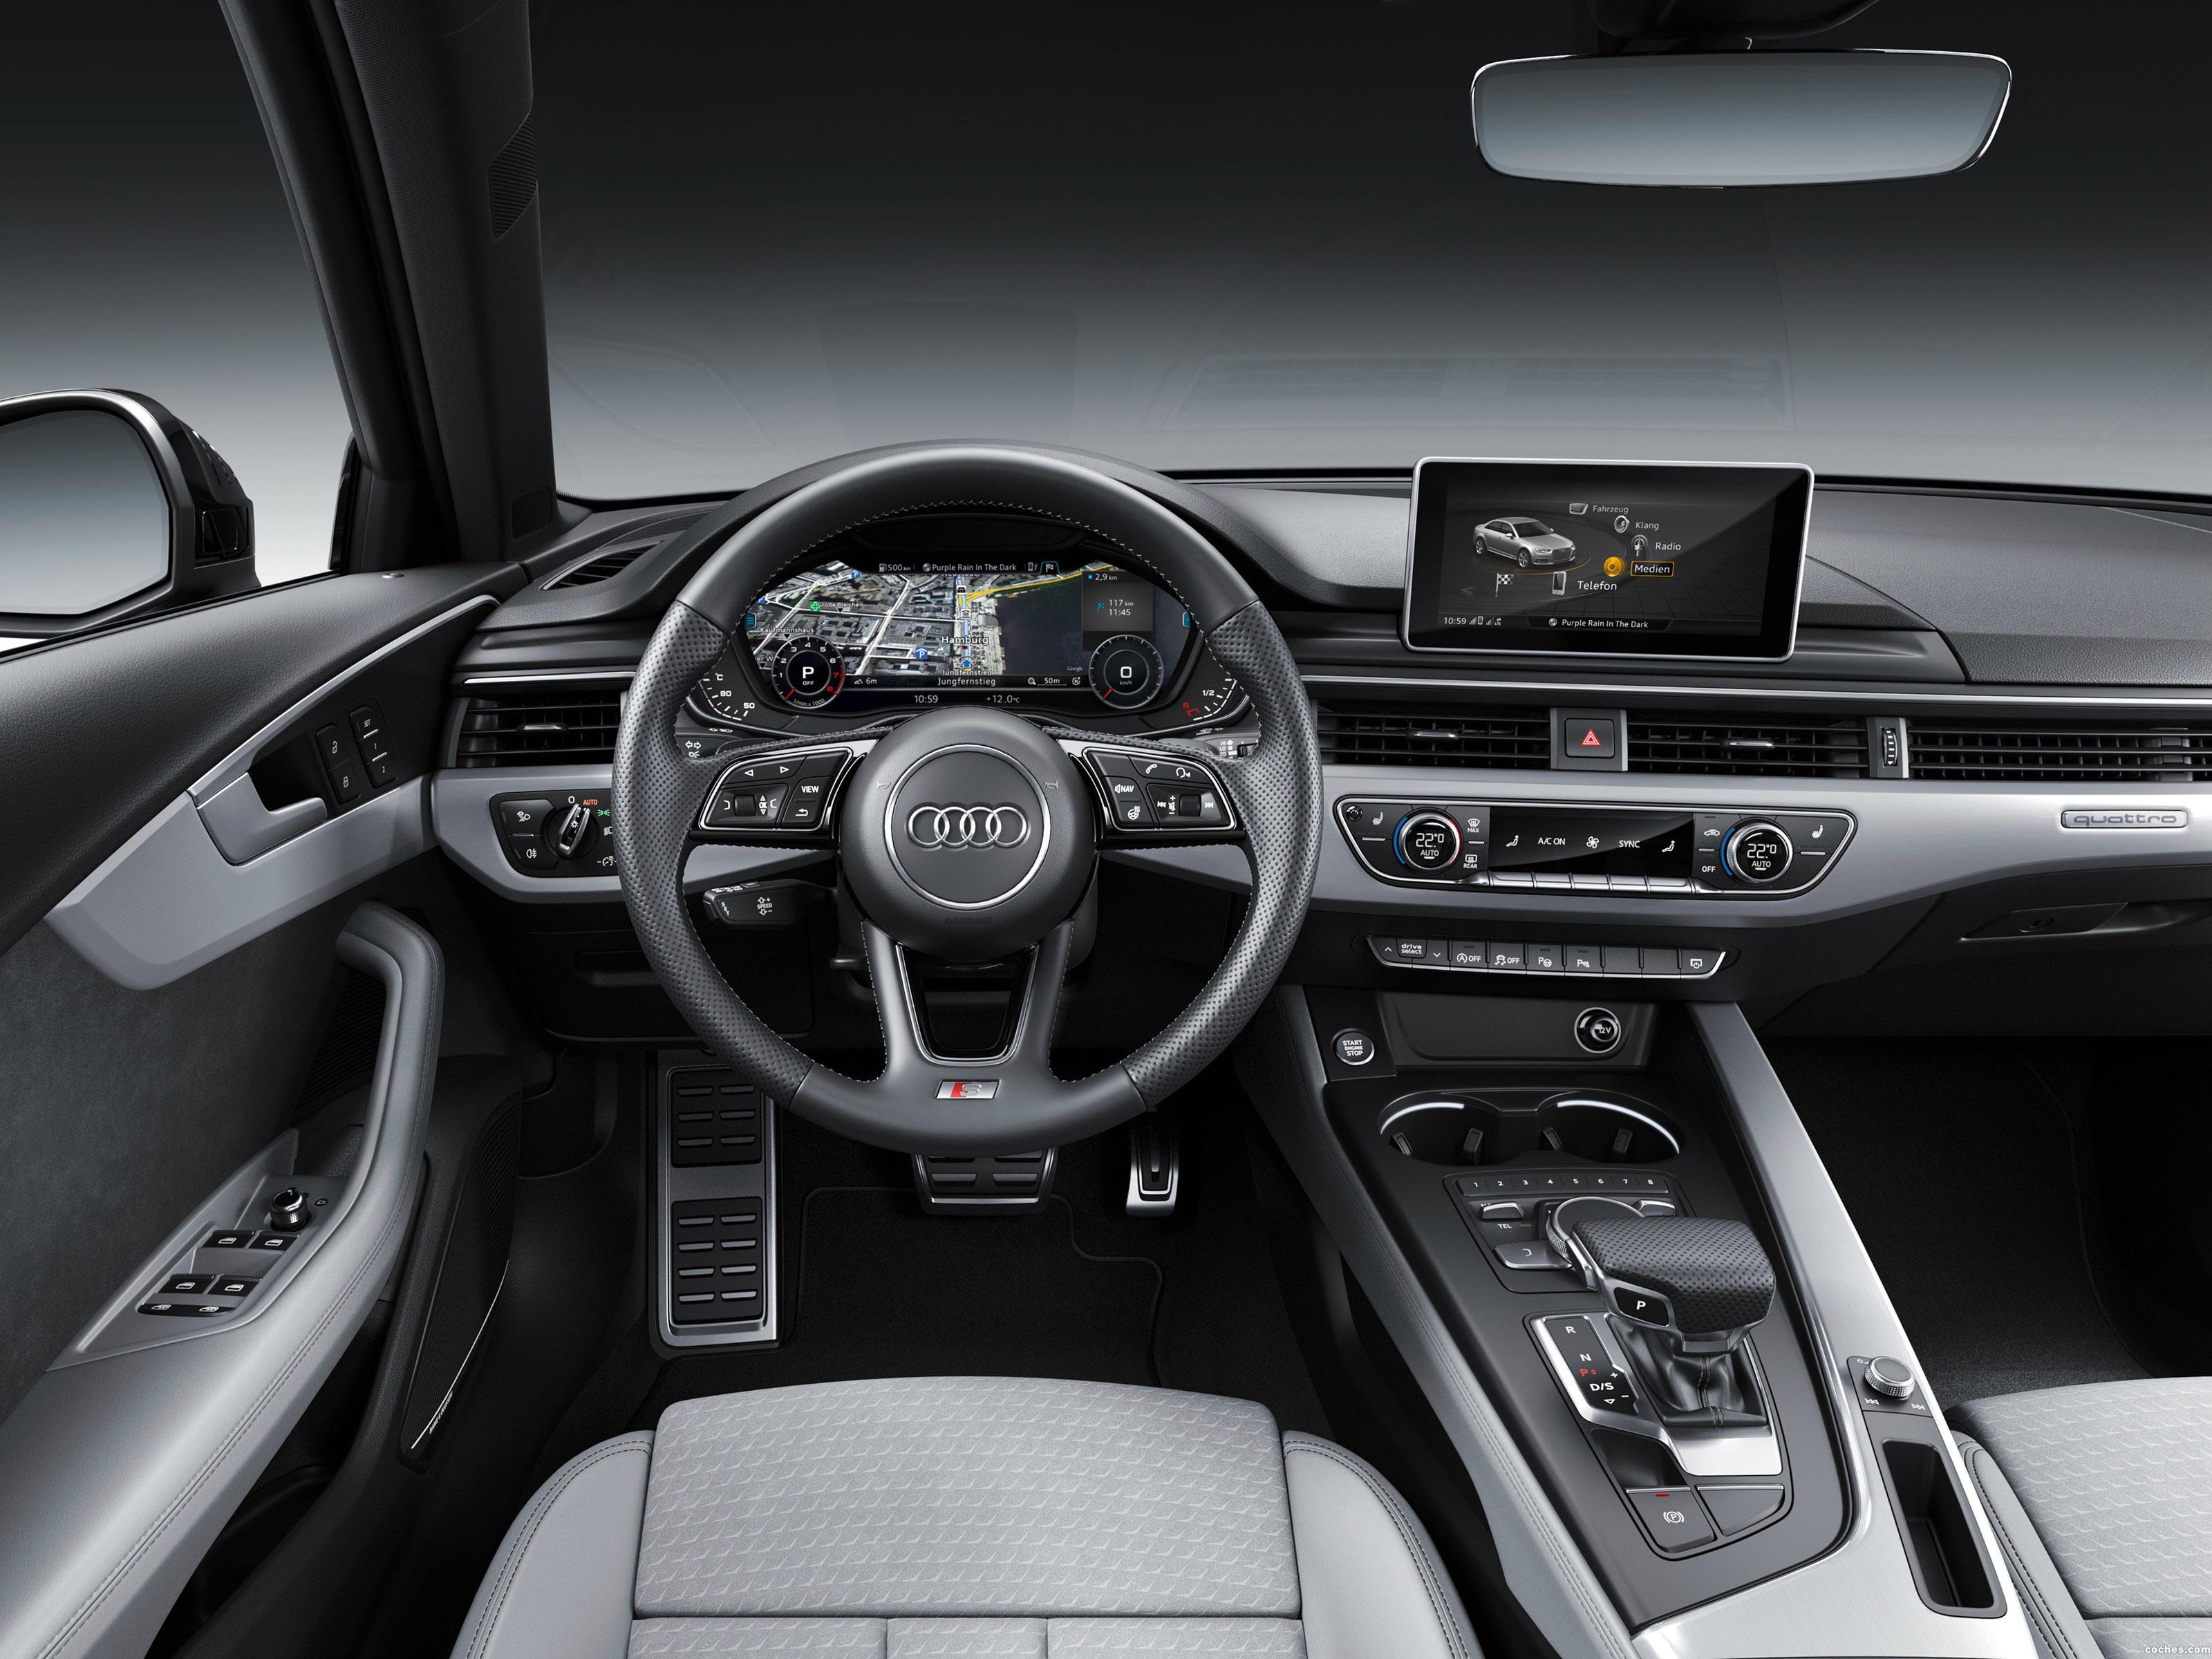 Foto 15 de Audi A4 S Line Quattro 2016